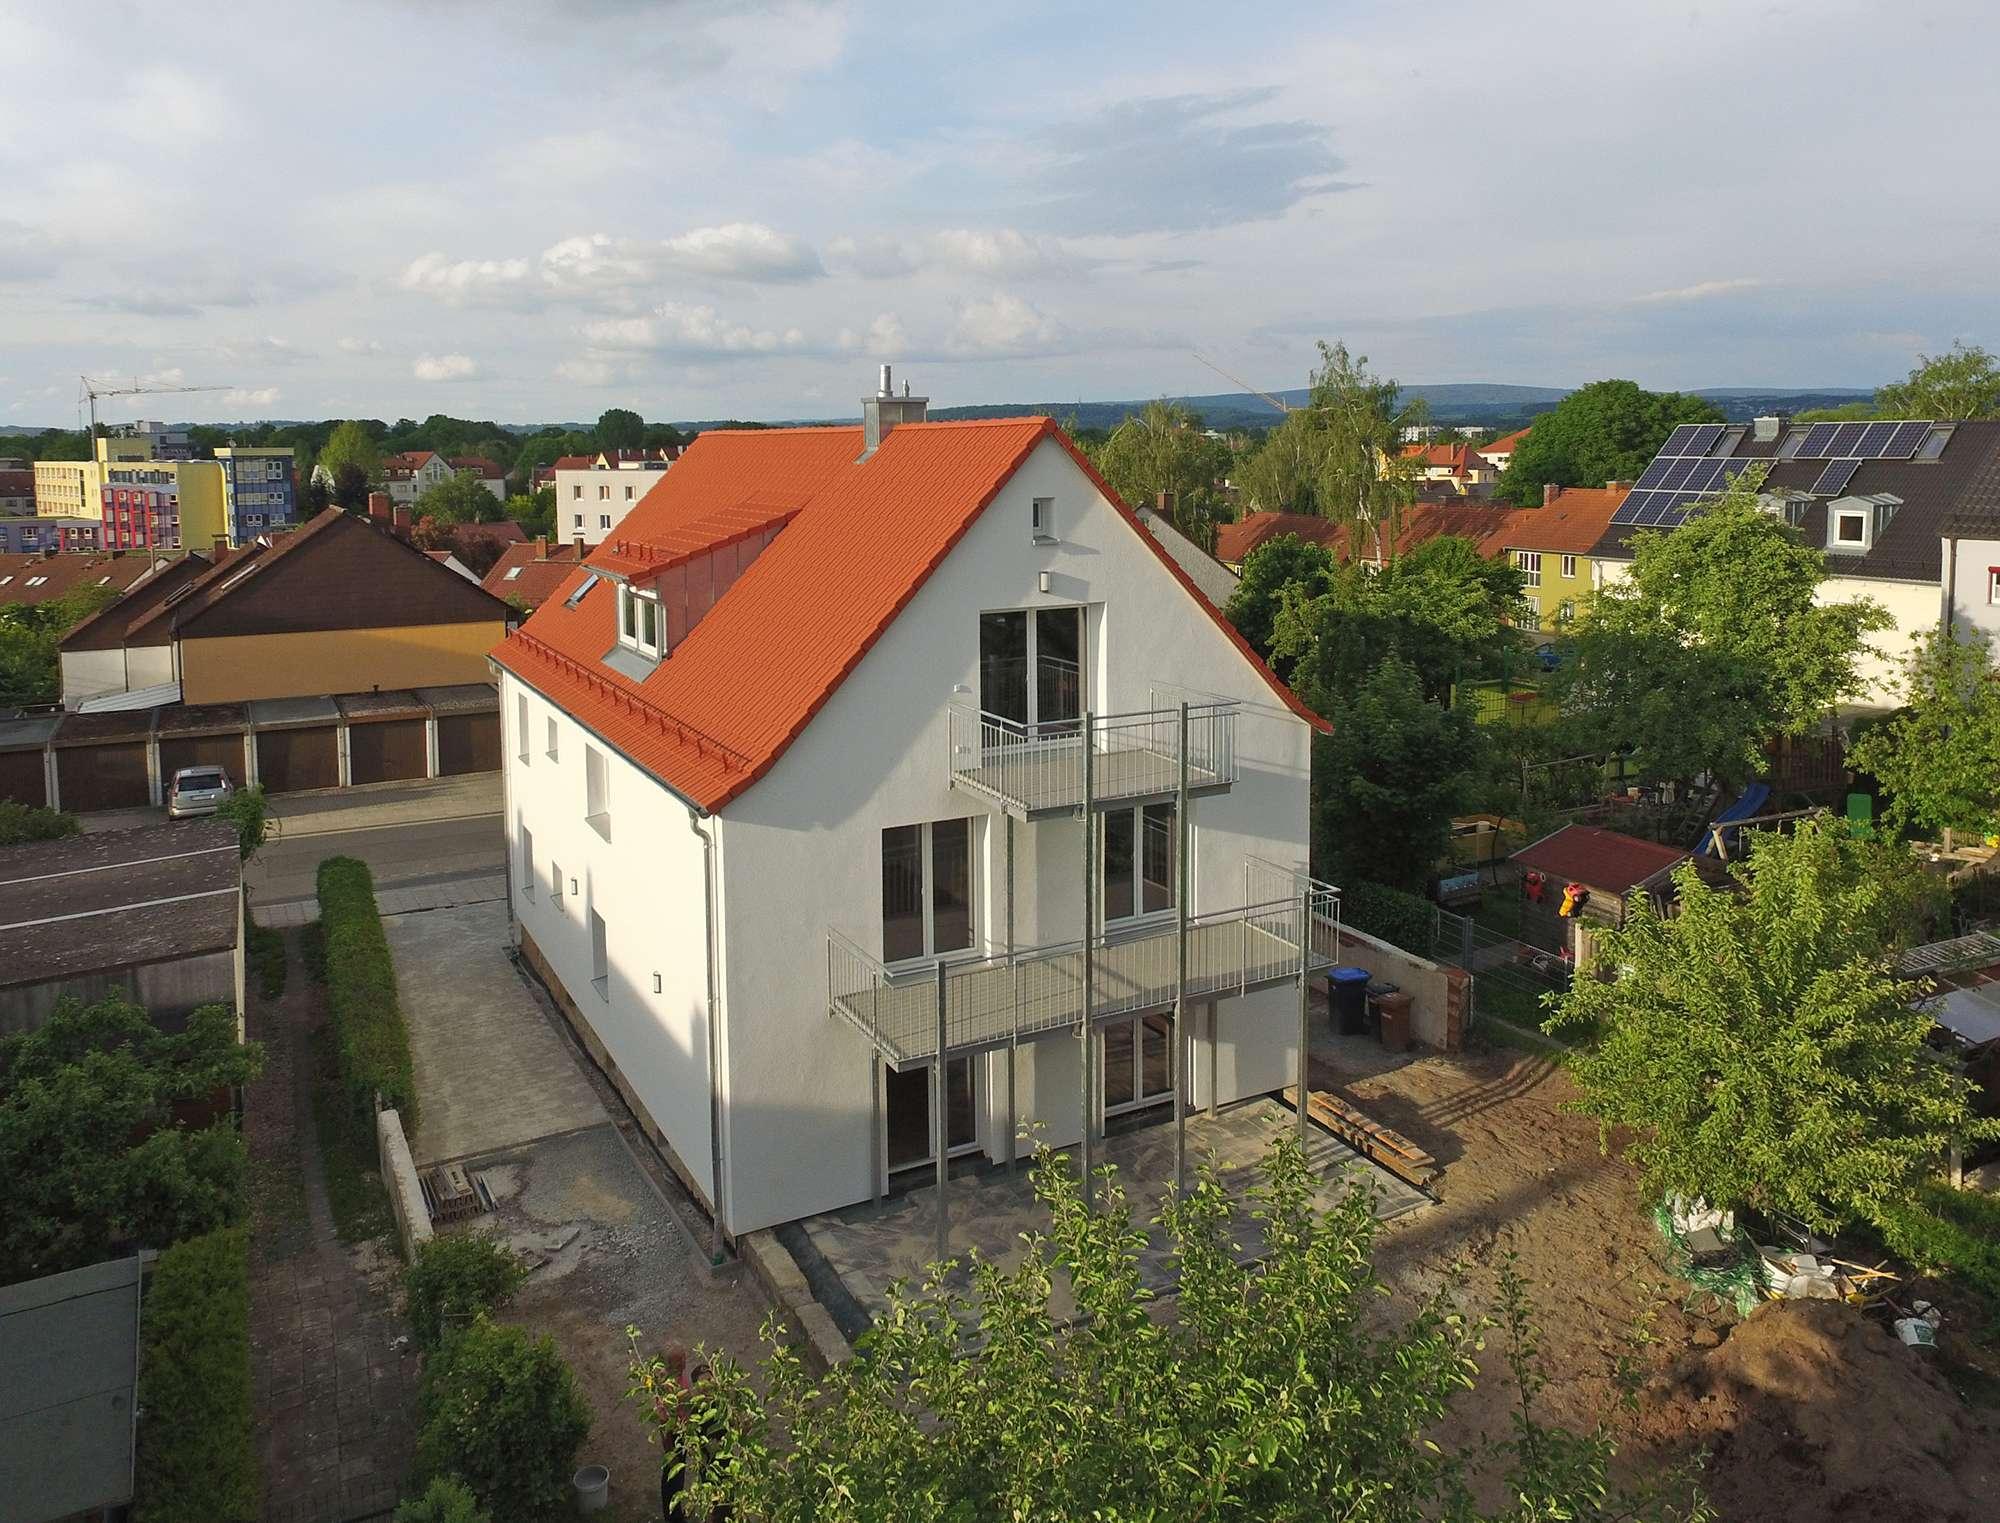 Totalsanierte 4-Zimmer-EG-Mietwohnung mit Garten in Birken-Bestlage, frei ab sofort!